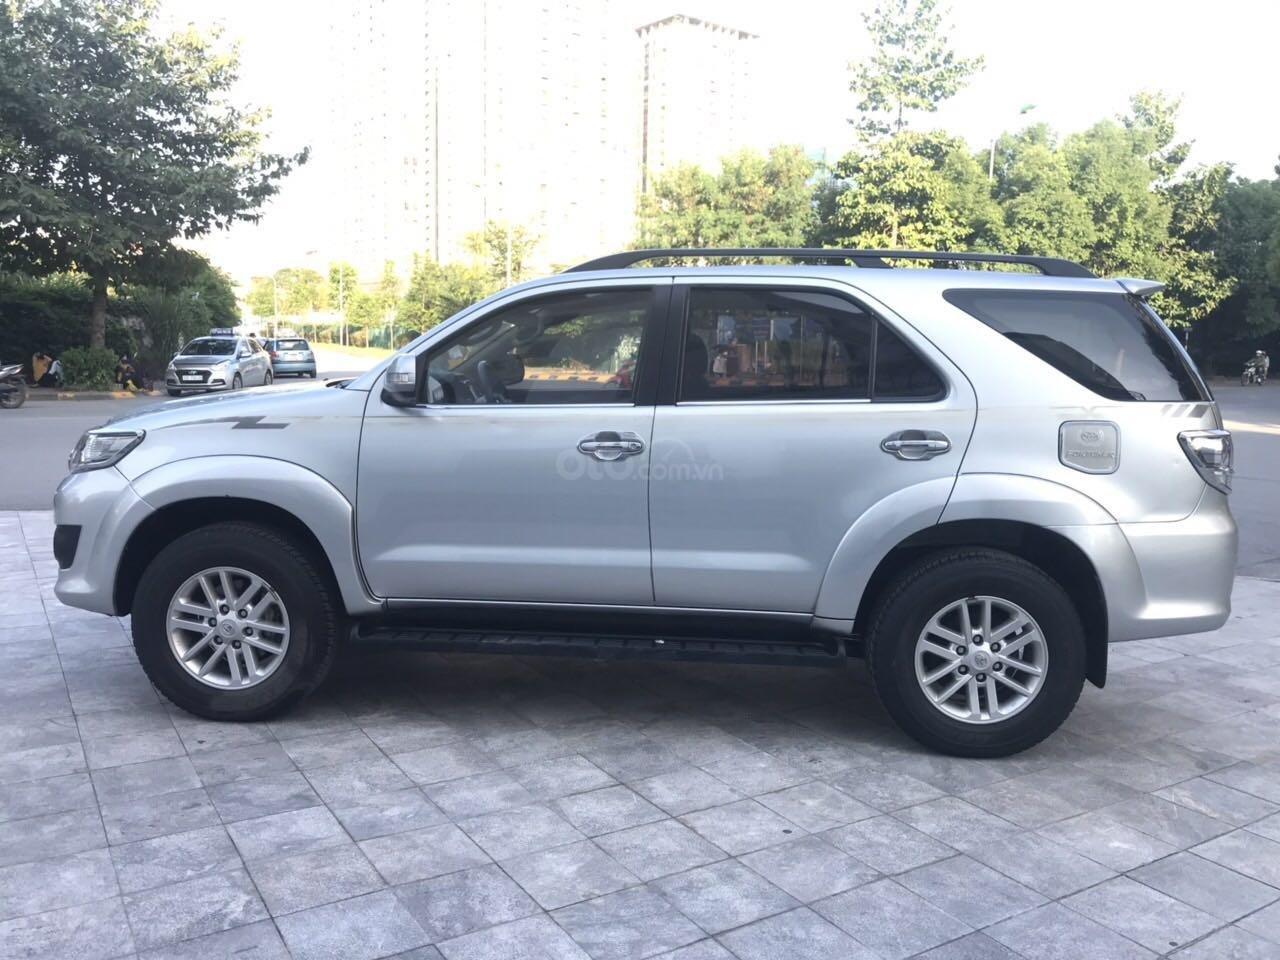 Cần bán xe Toyota Fortuner đăng ký lần đầu 2012, màu bạc, nhập khẩu nguyên chiếc, giá chỉ 670 triệu đồng (2)